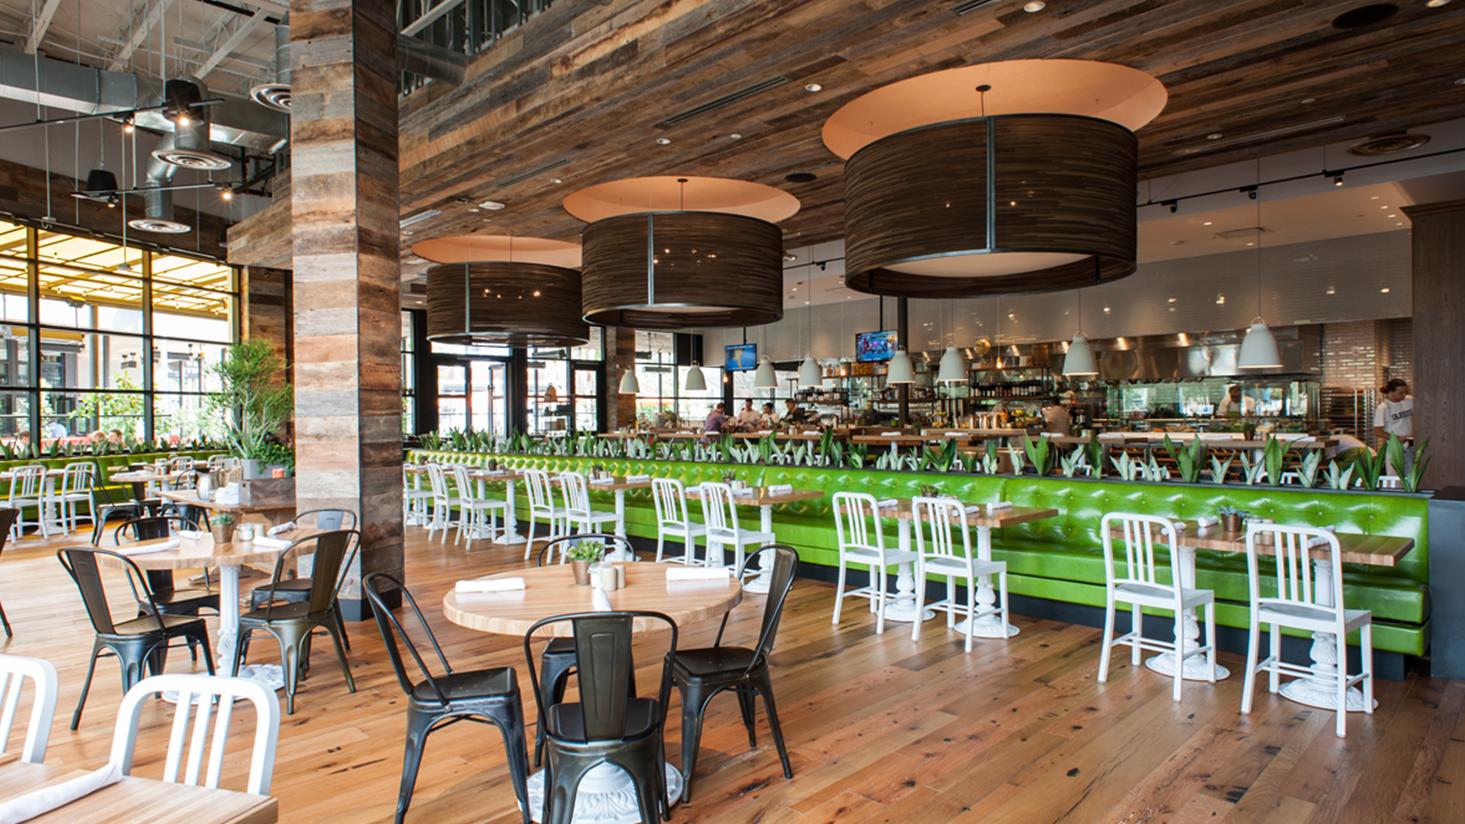 Guide to Restaurant Lighting: The best lighting tips for any restaurant application